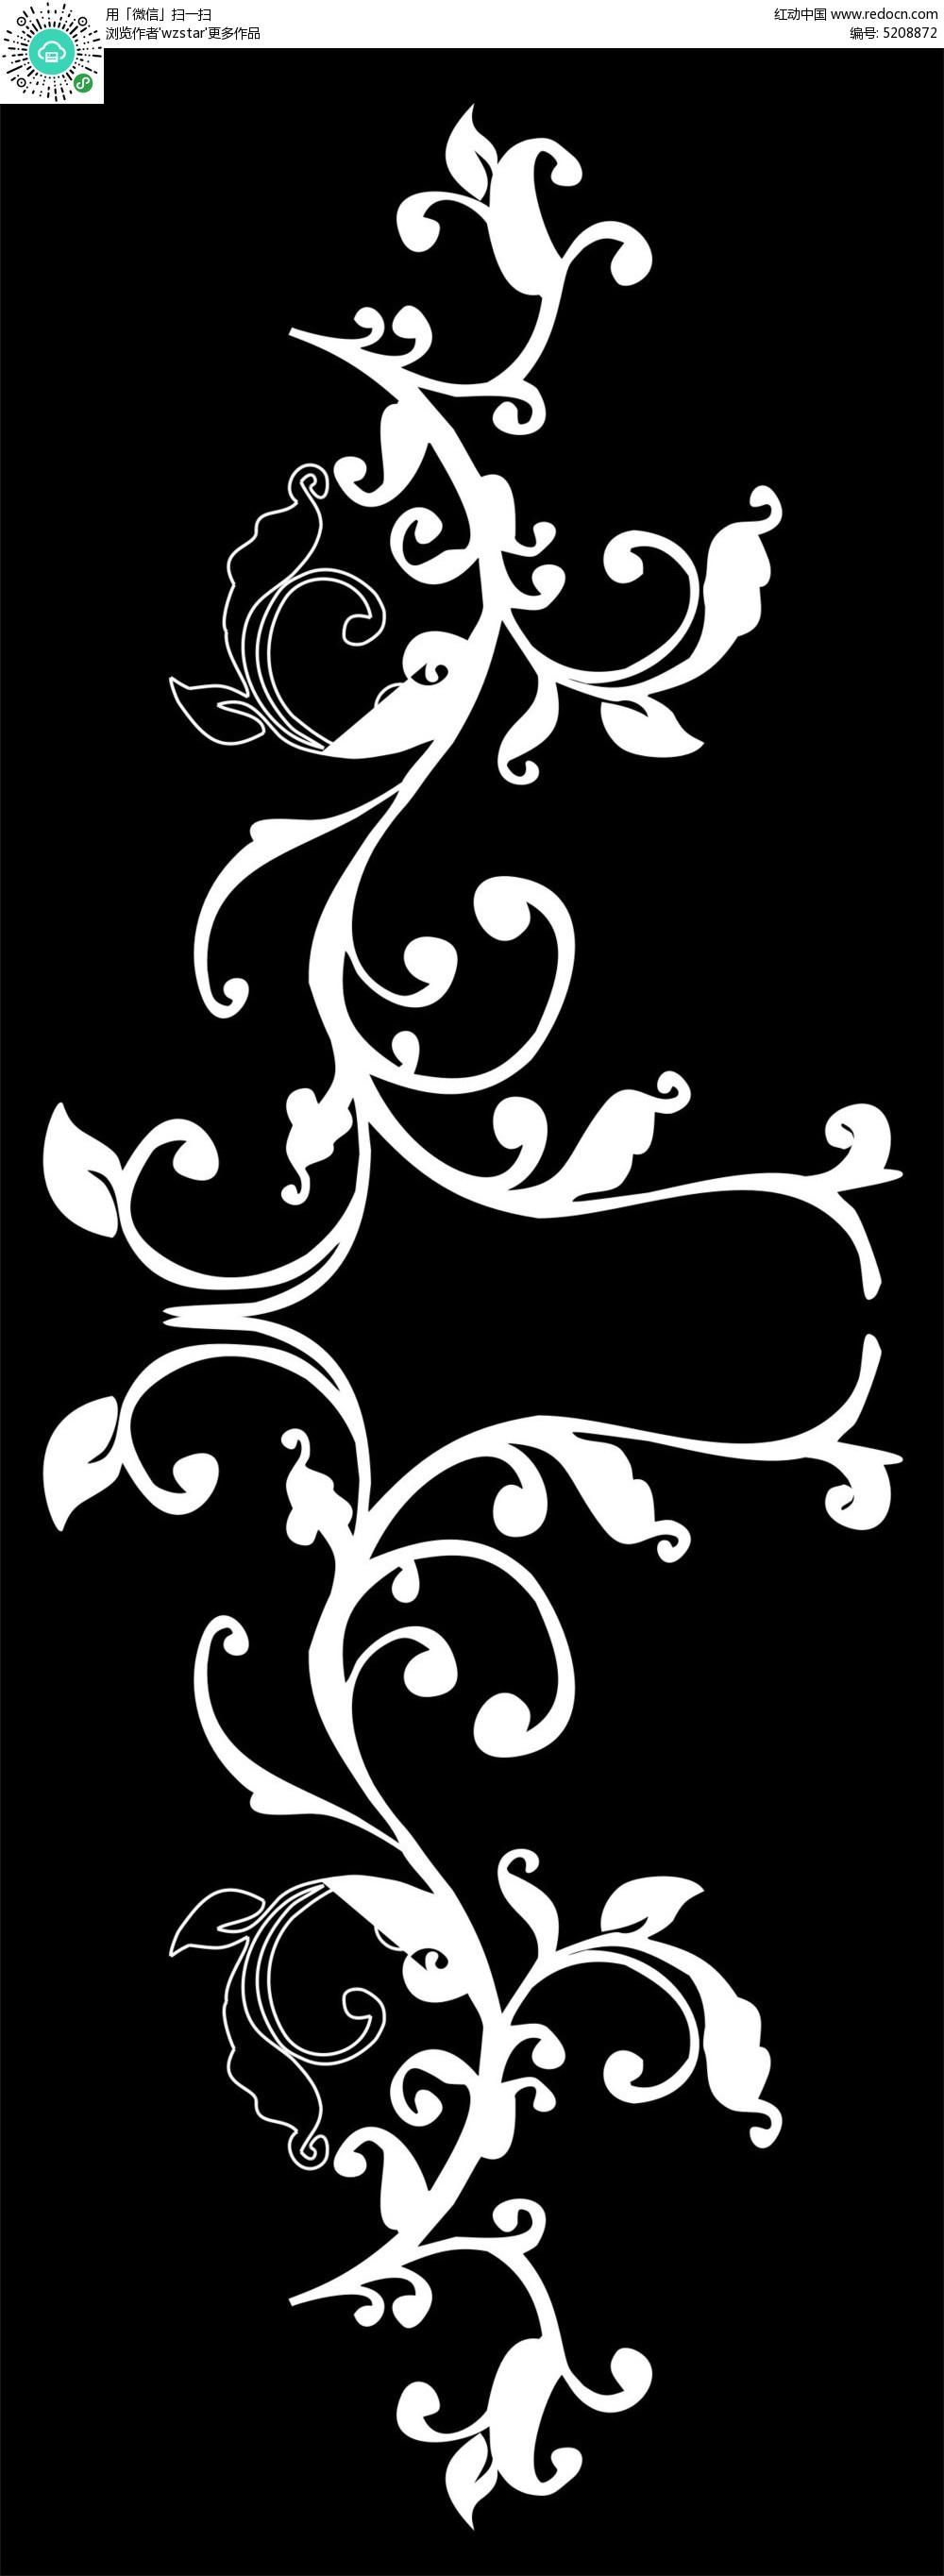 黑白纹理边框花纹参考